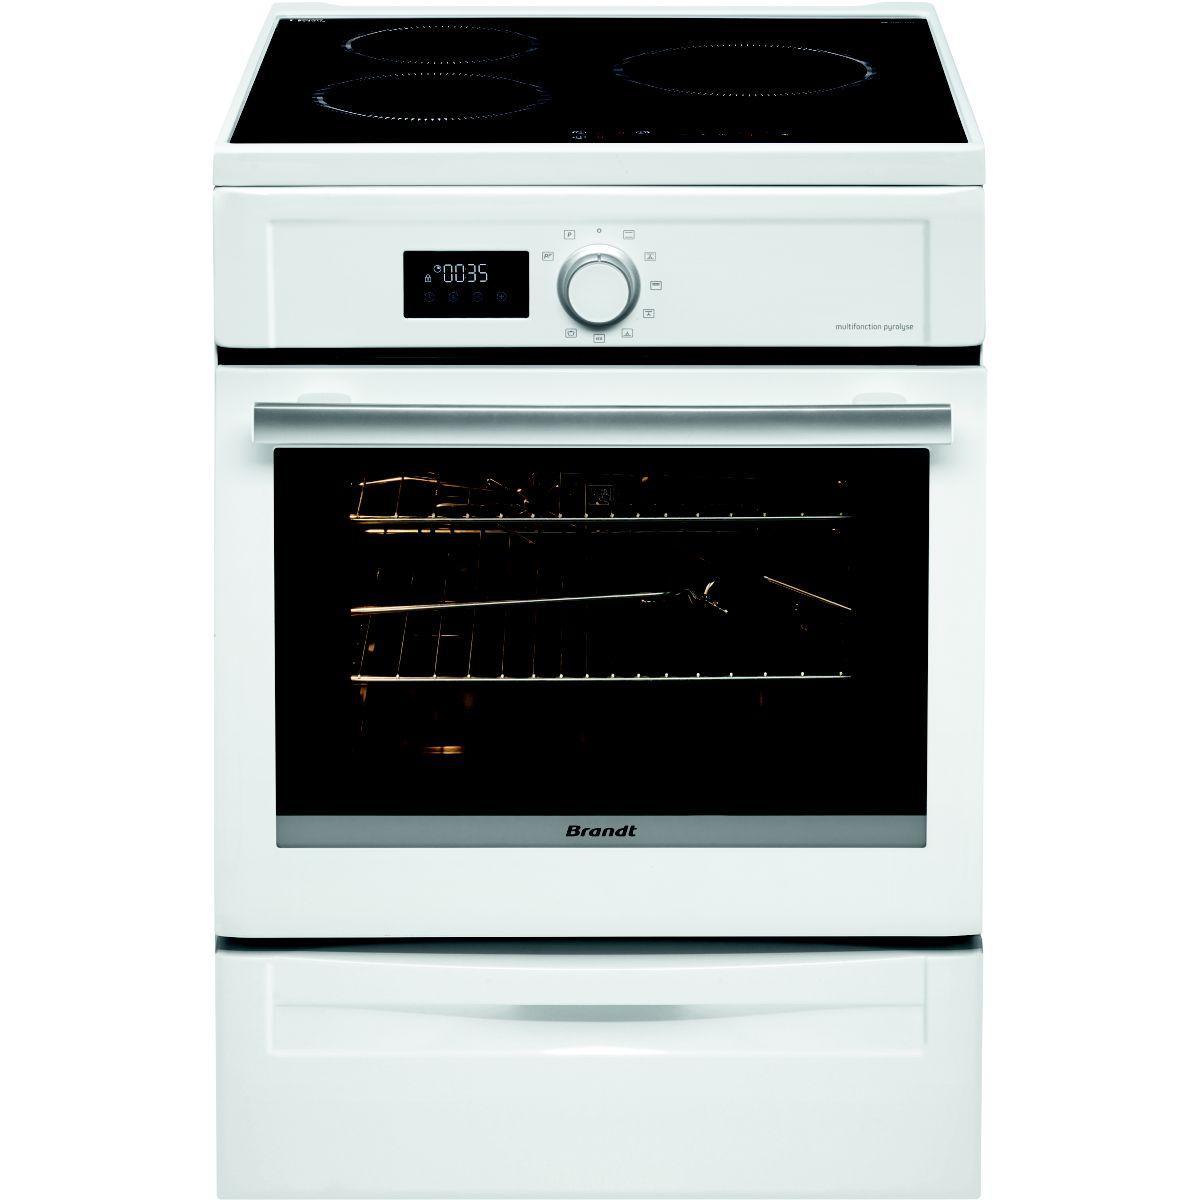 Cuisini?re induction brandt bci6600w - livraison offerte : cod...